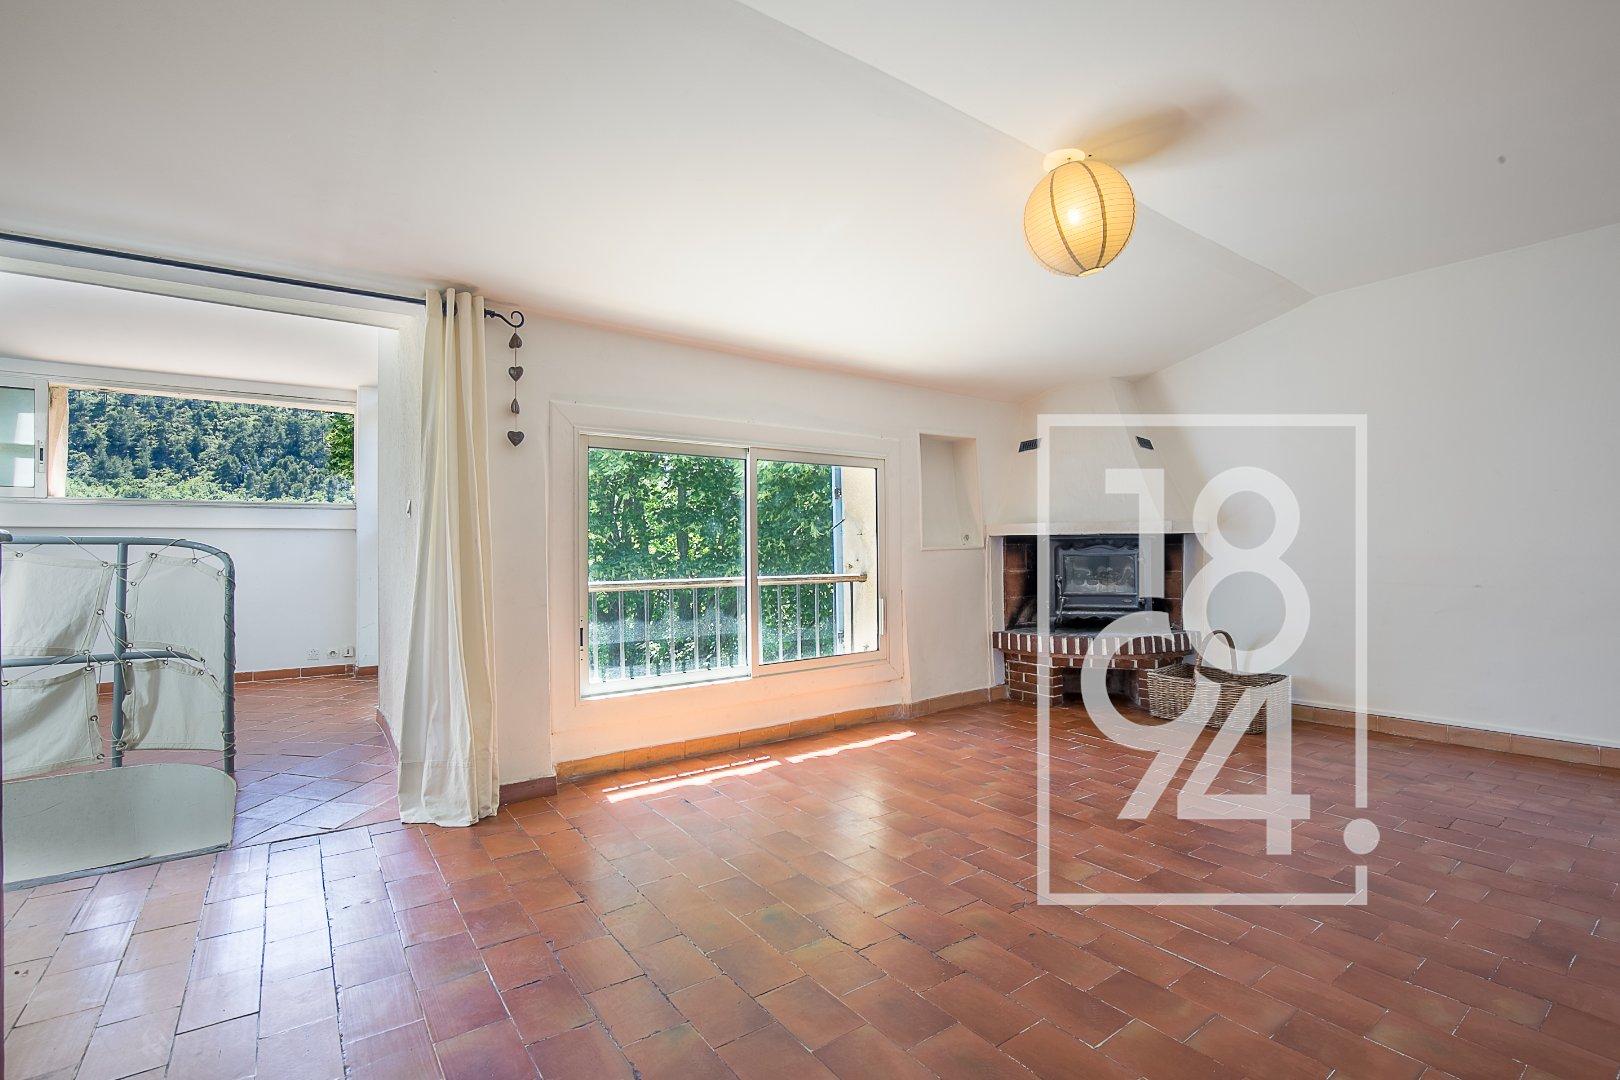 Maison atypique 3 pièces d'environ 93m2 pleine de charme à Simiane Collongue